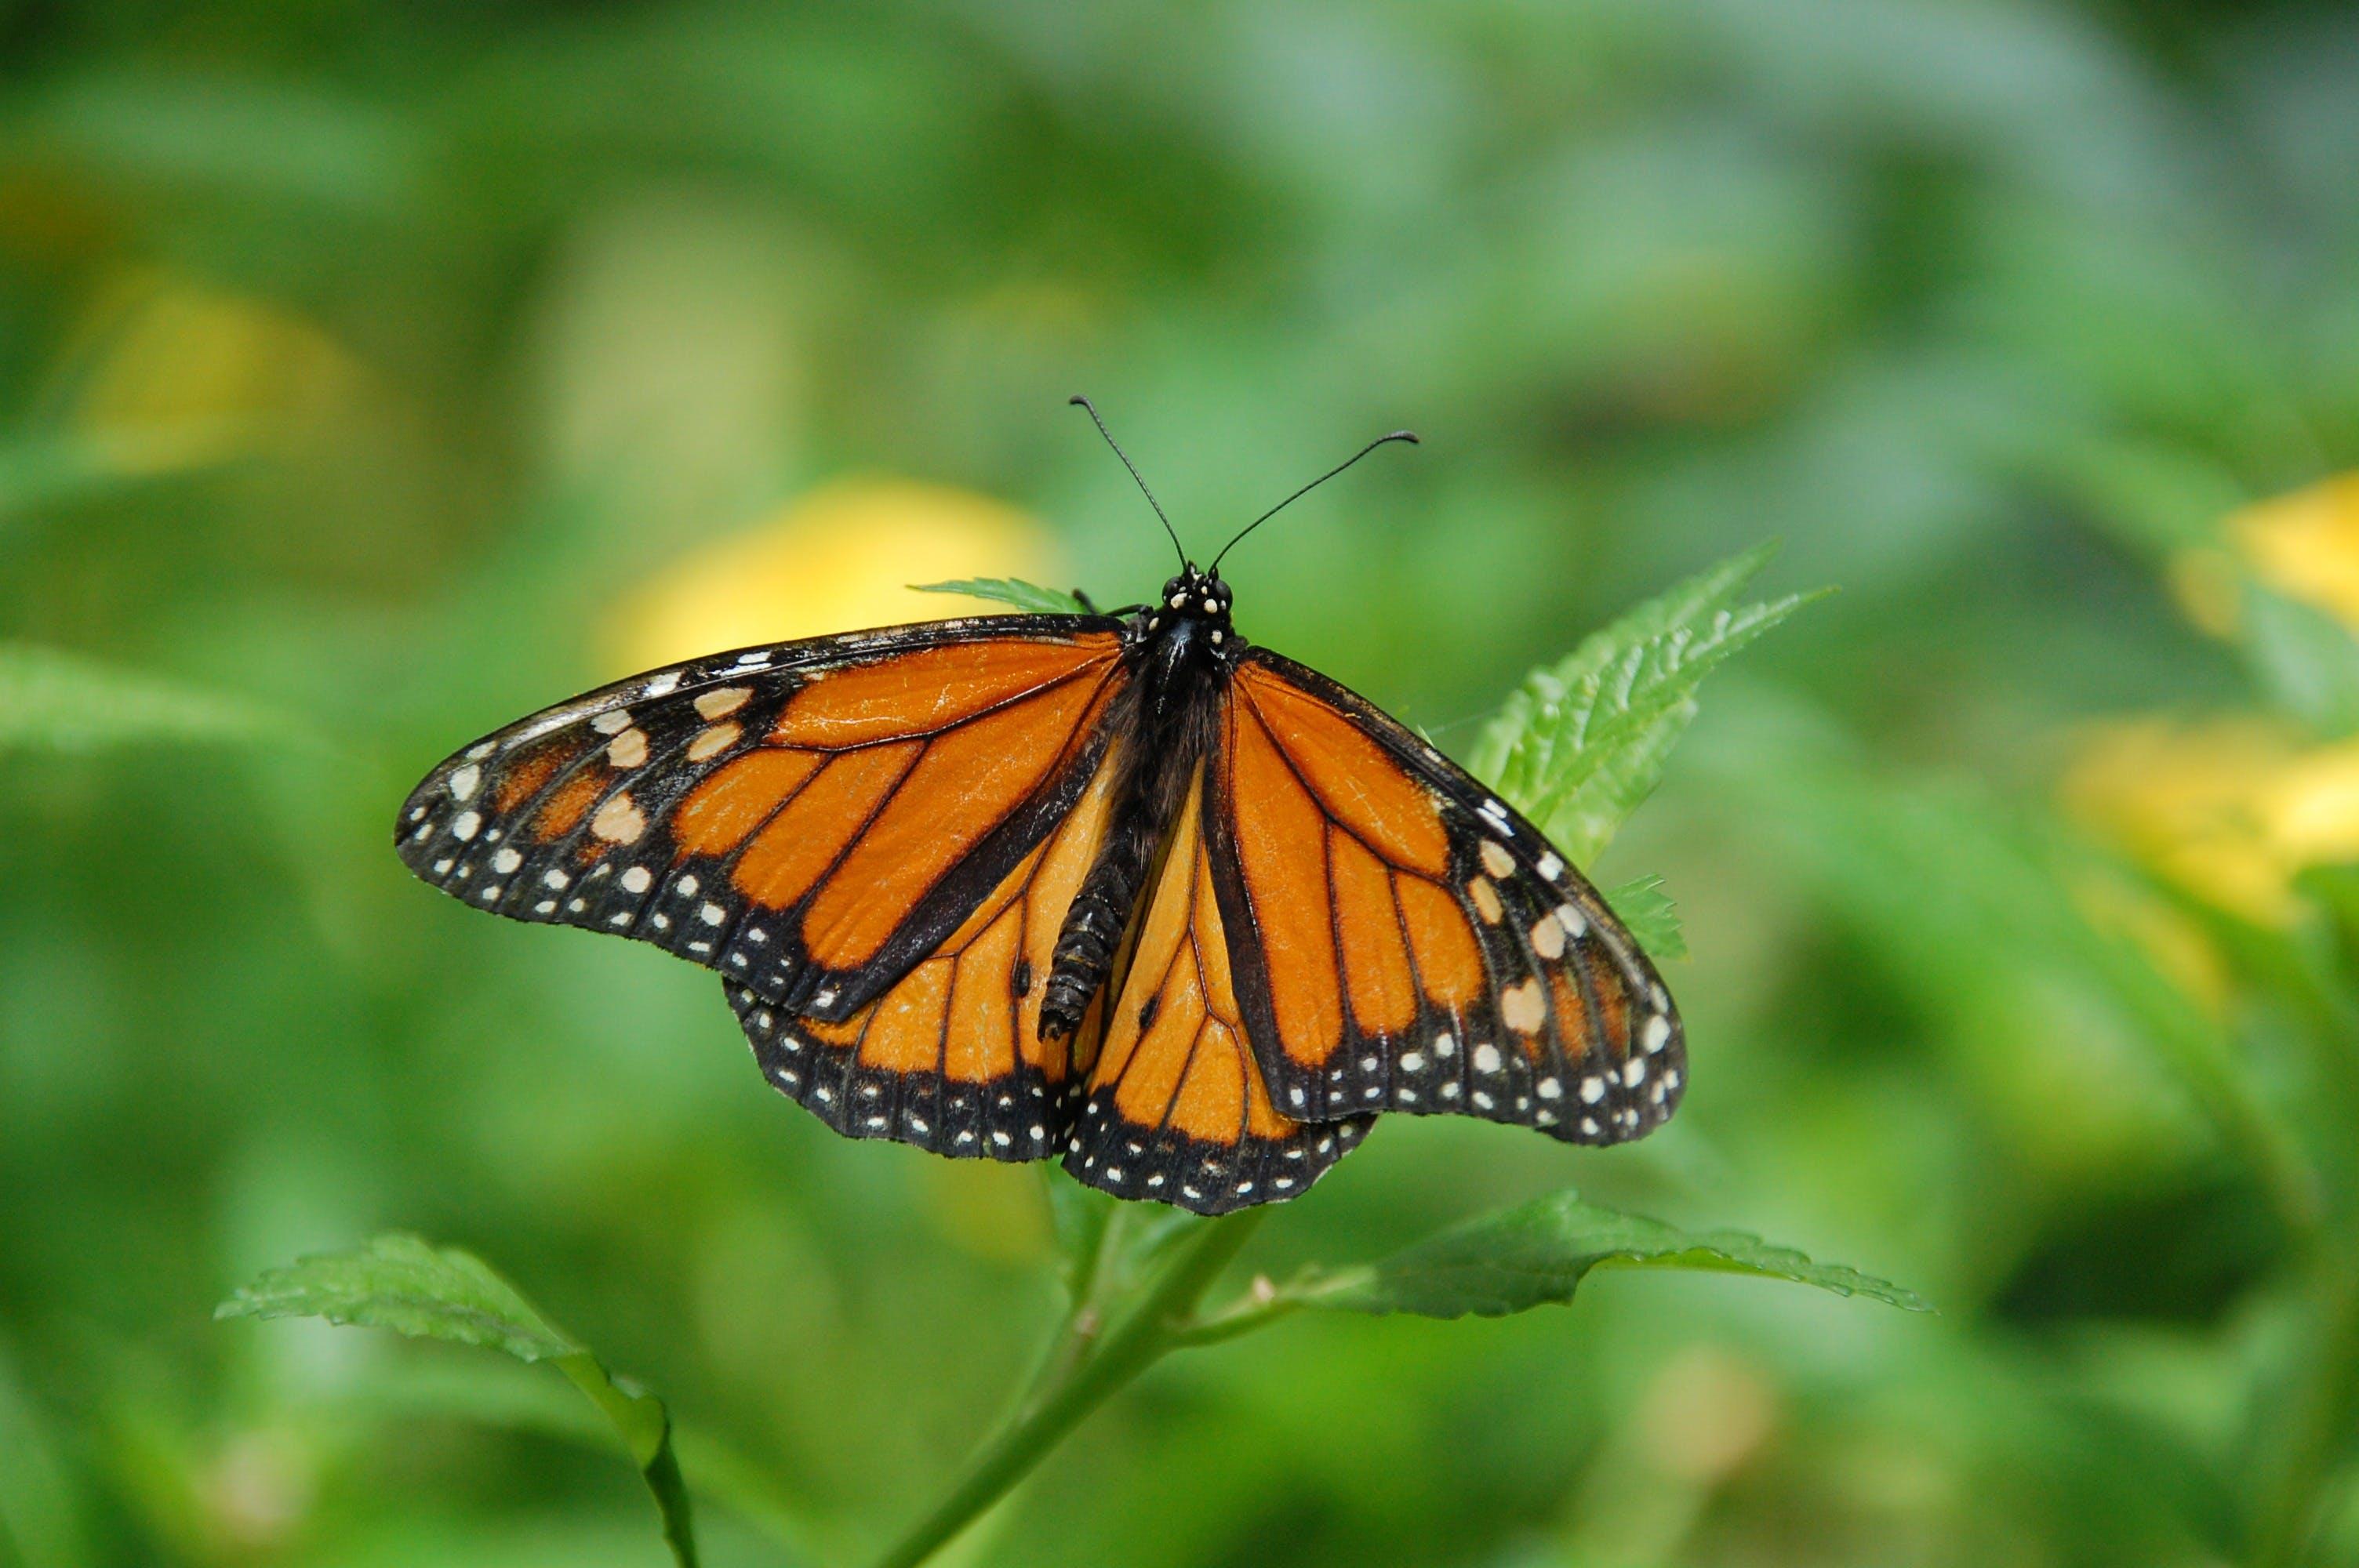 곤충, 나비, 매크로, 벌레의 무료 스톡 사진